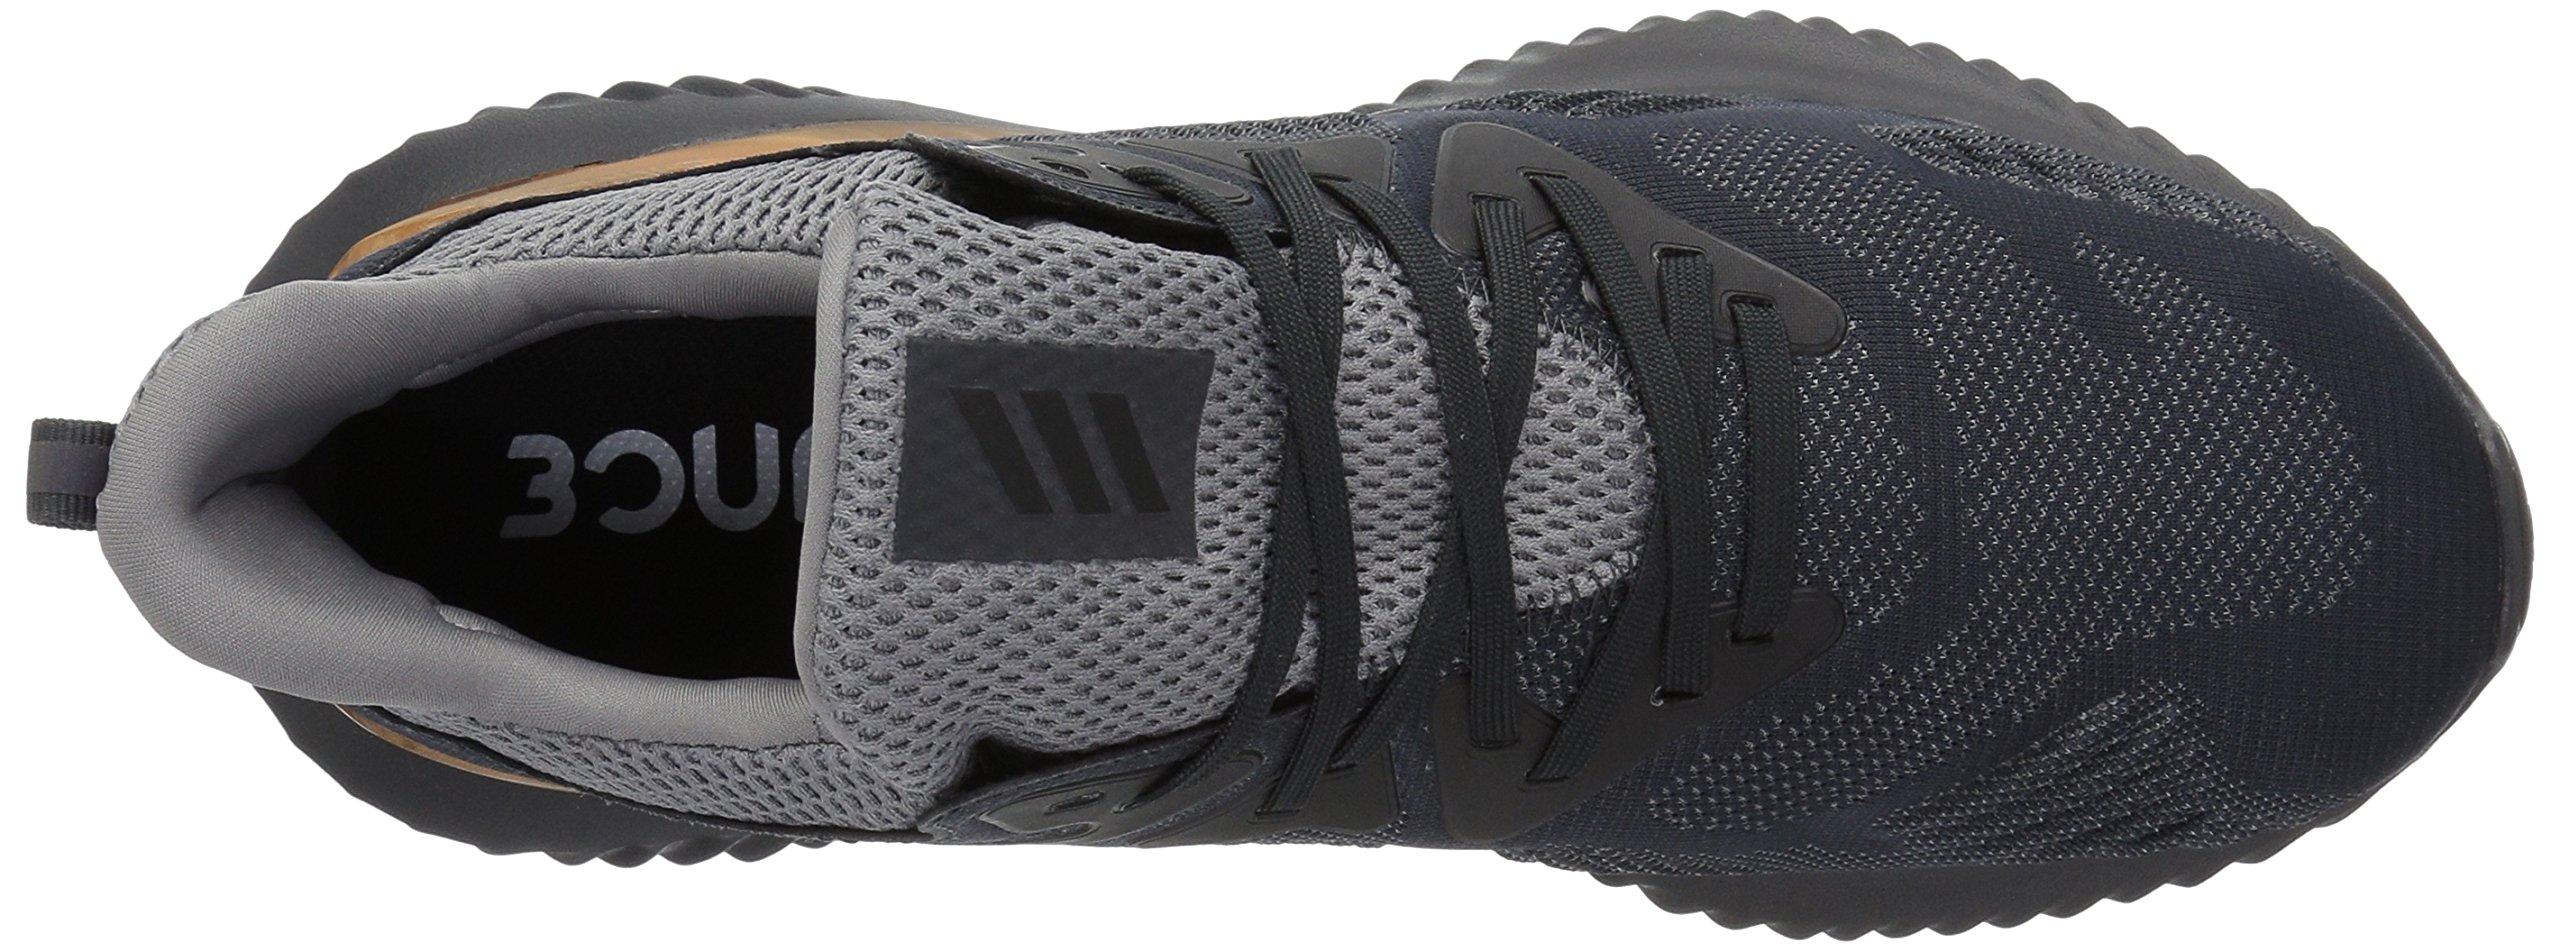 adidas Alphabounce 2 m, Grey Four/Carbon/Dark Solid Grey, 6.5 Medium US by adidas (Image #7)